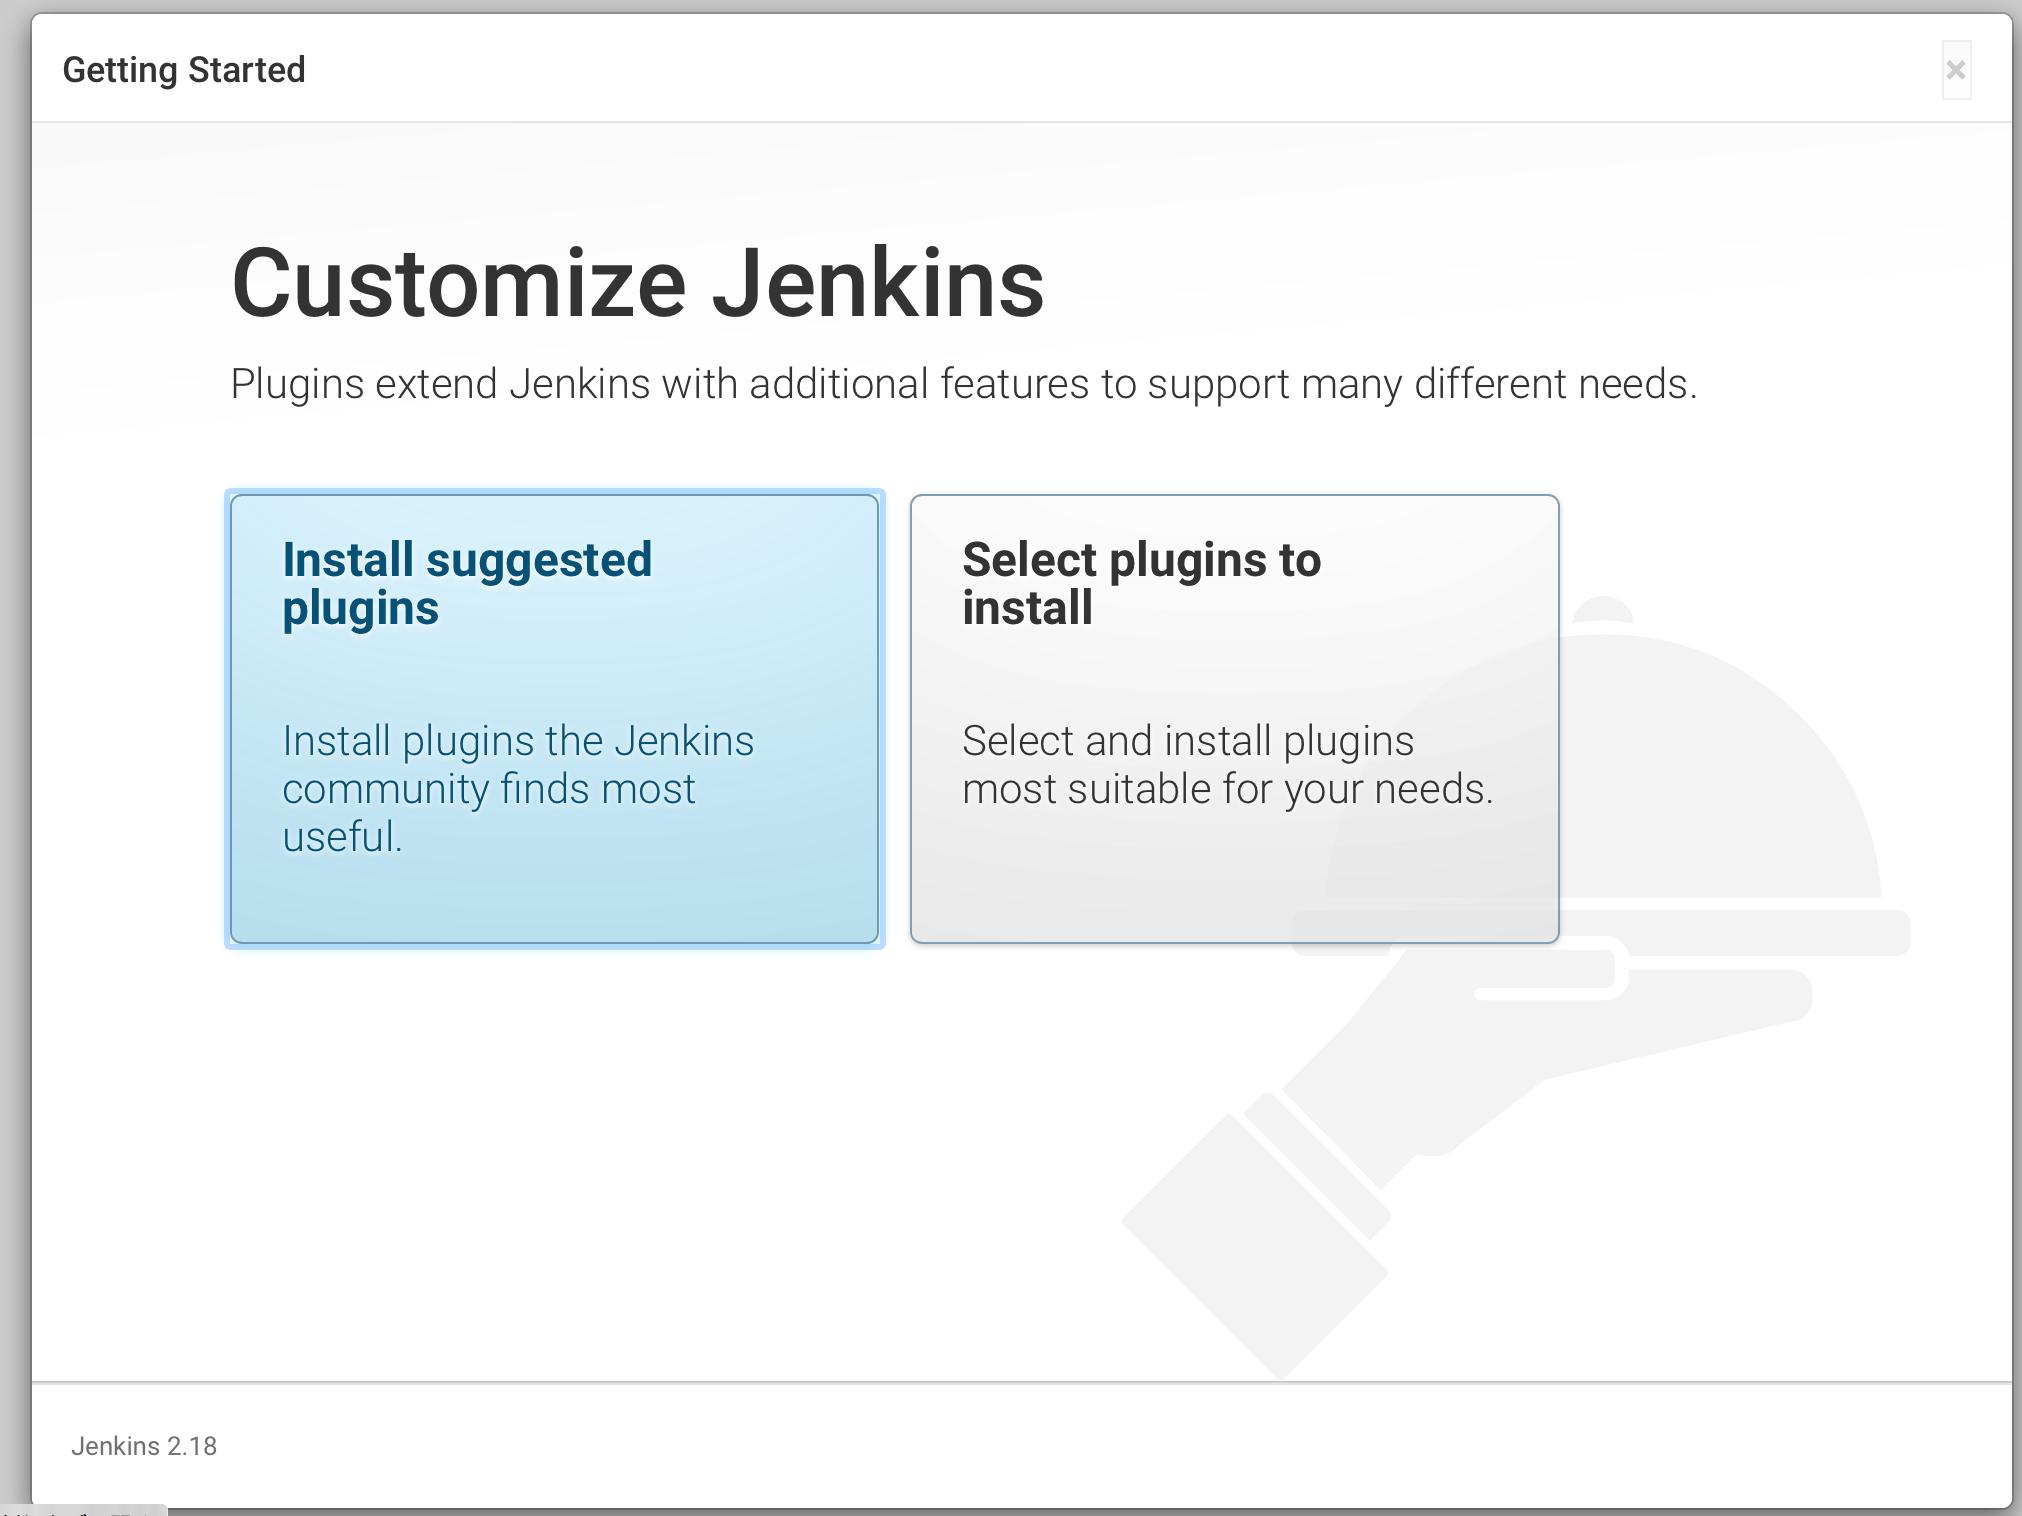 jenkins_customize.png